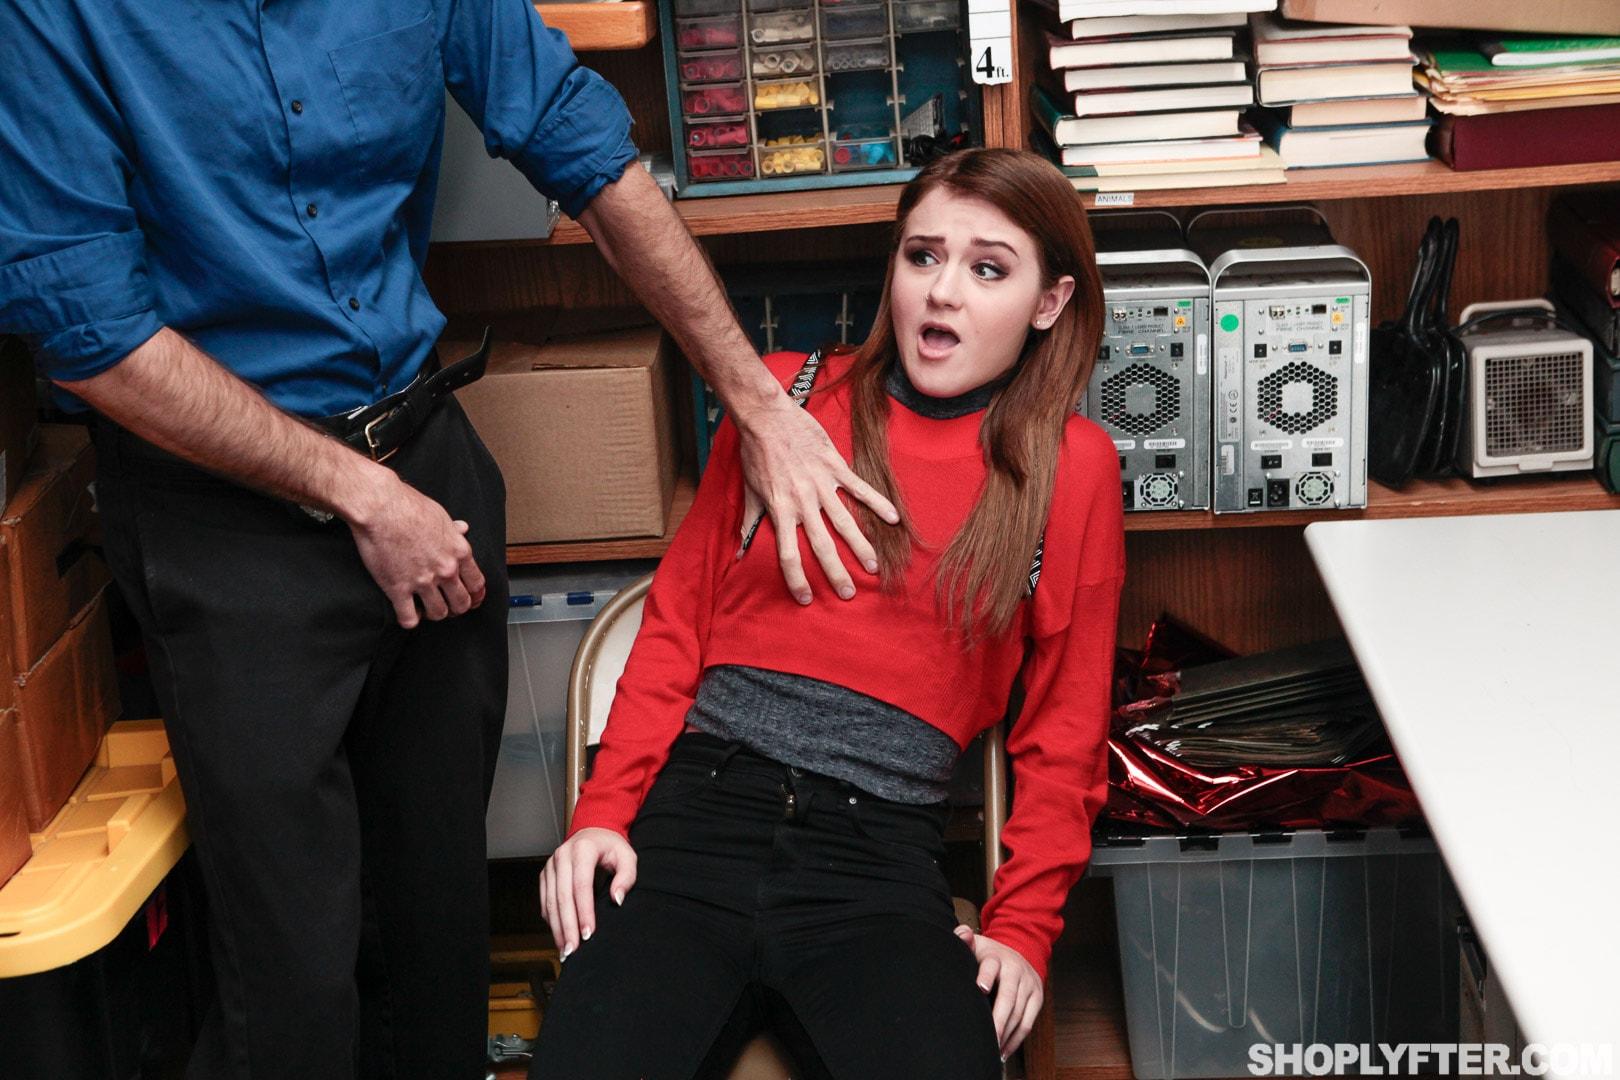 Team Skeet 'Case No. 2463827' starring Rosalyn Sphinx (Photo 9)